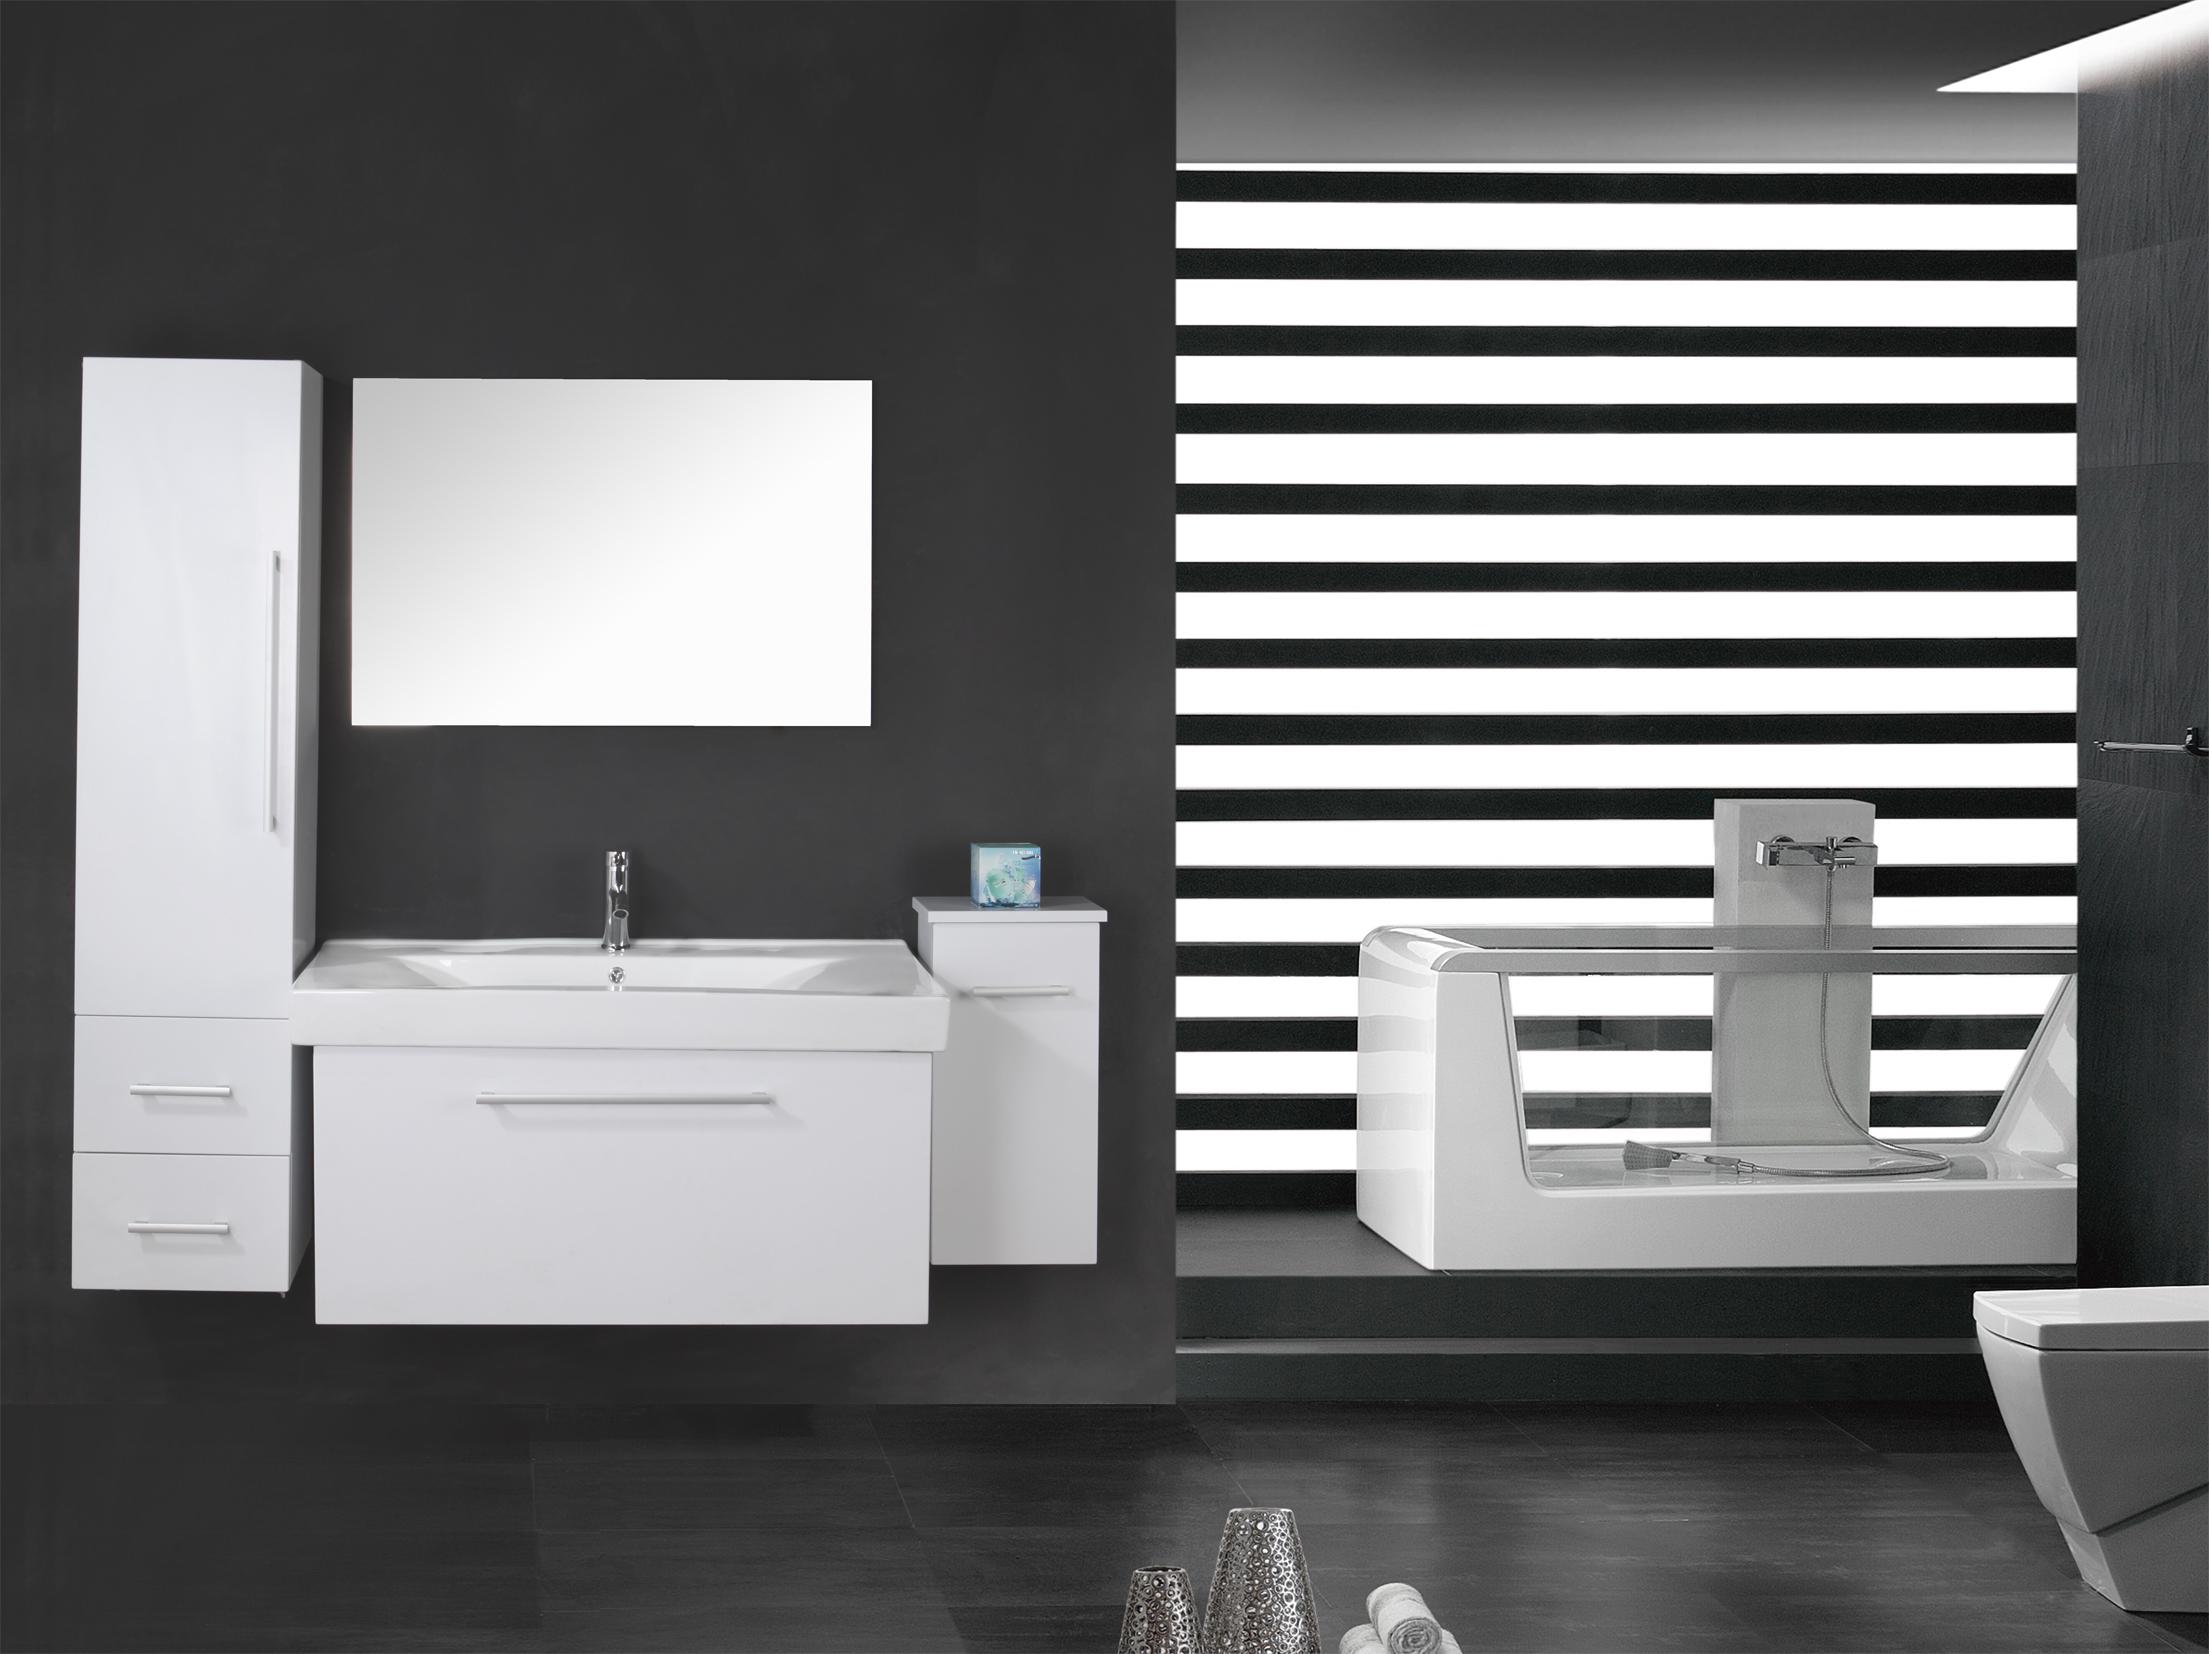 white london meuble salle de bain 100 cm lavabo e colonne compris. Black Bedroom Furniture Sets. Home Design Ideas